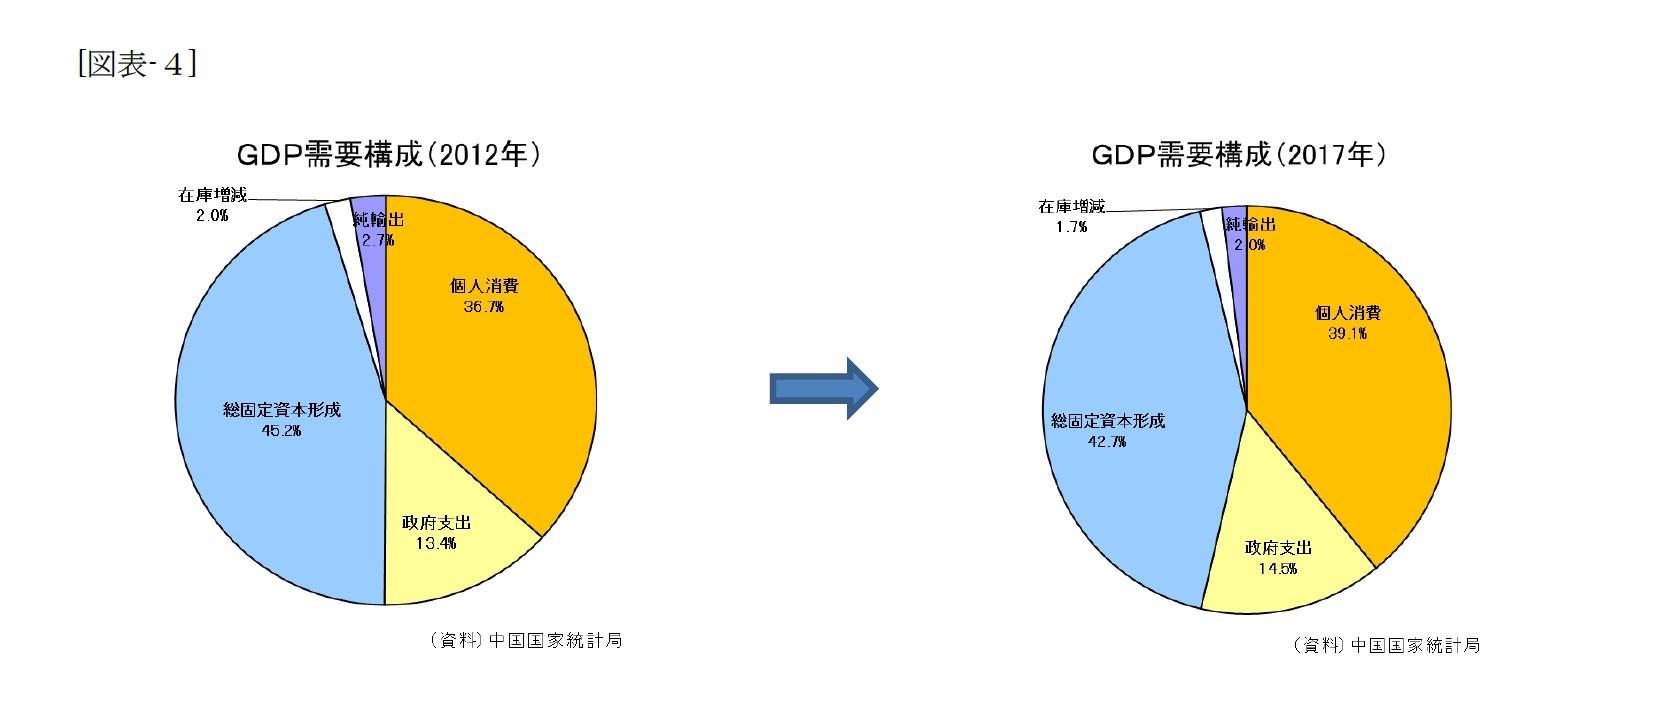 (図表-4)GDP需要構成(2012年)/GDP需要構成(2017年)